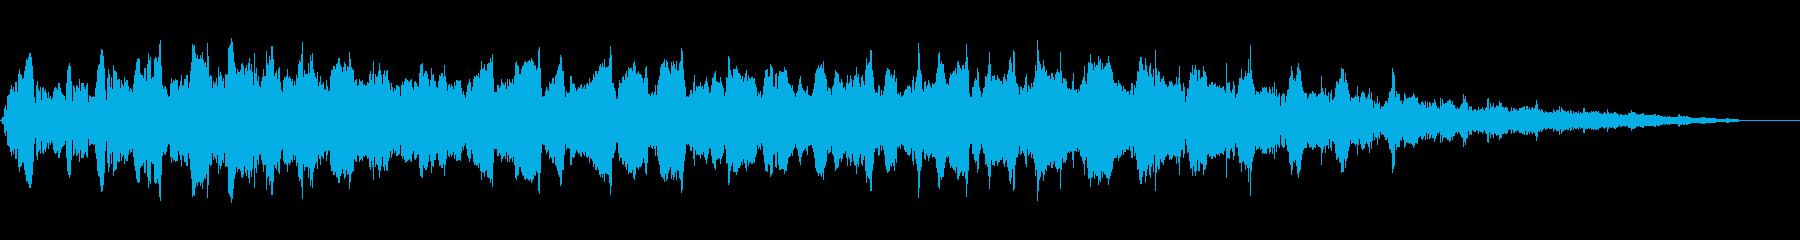 水中スイープアクセントの再生済みの波形